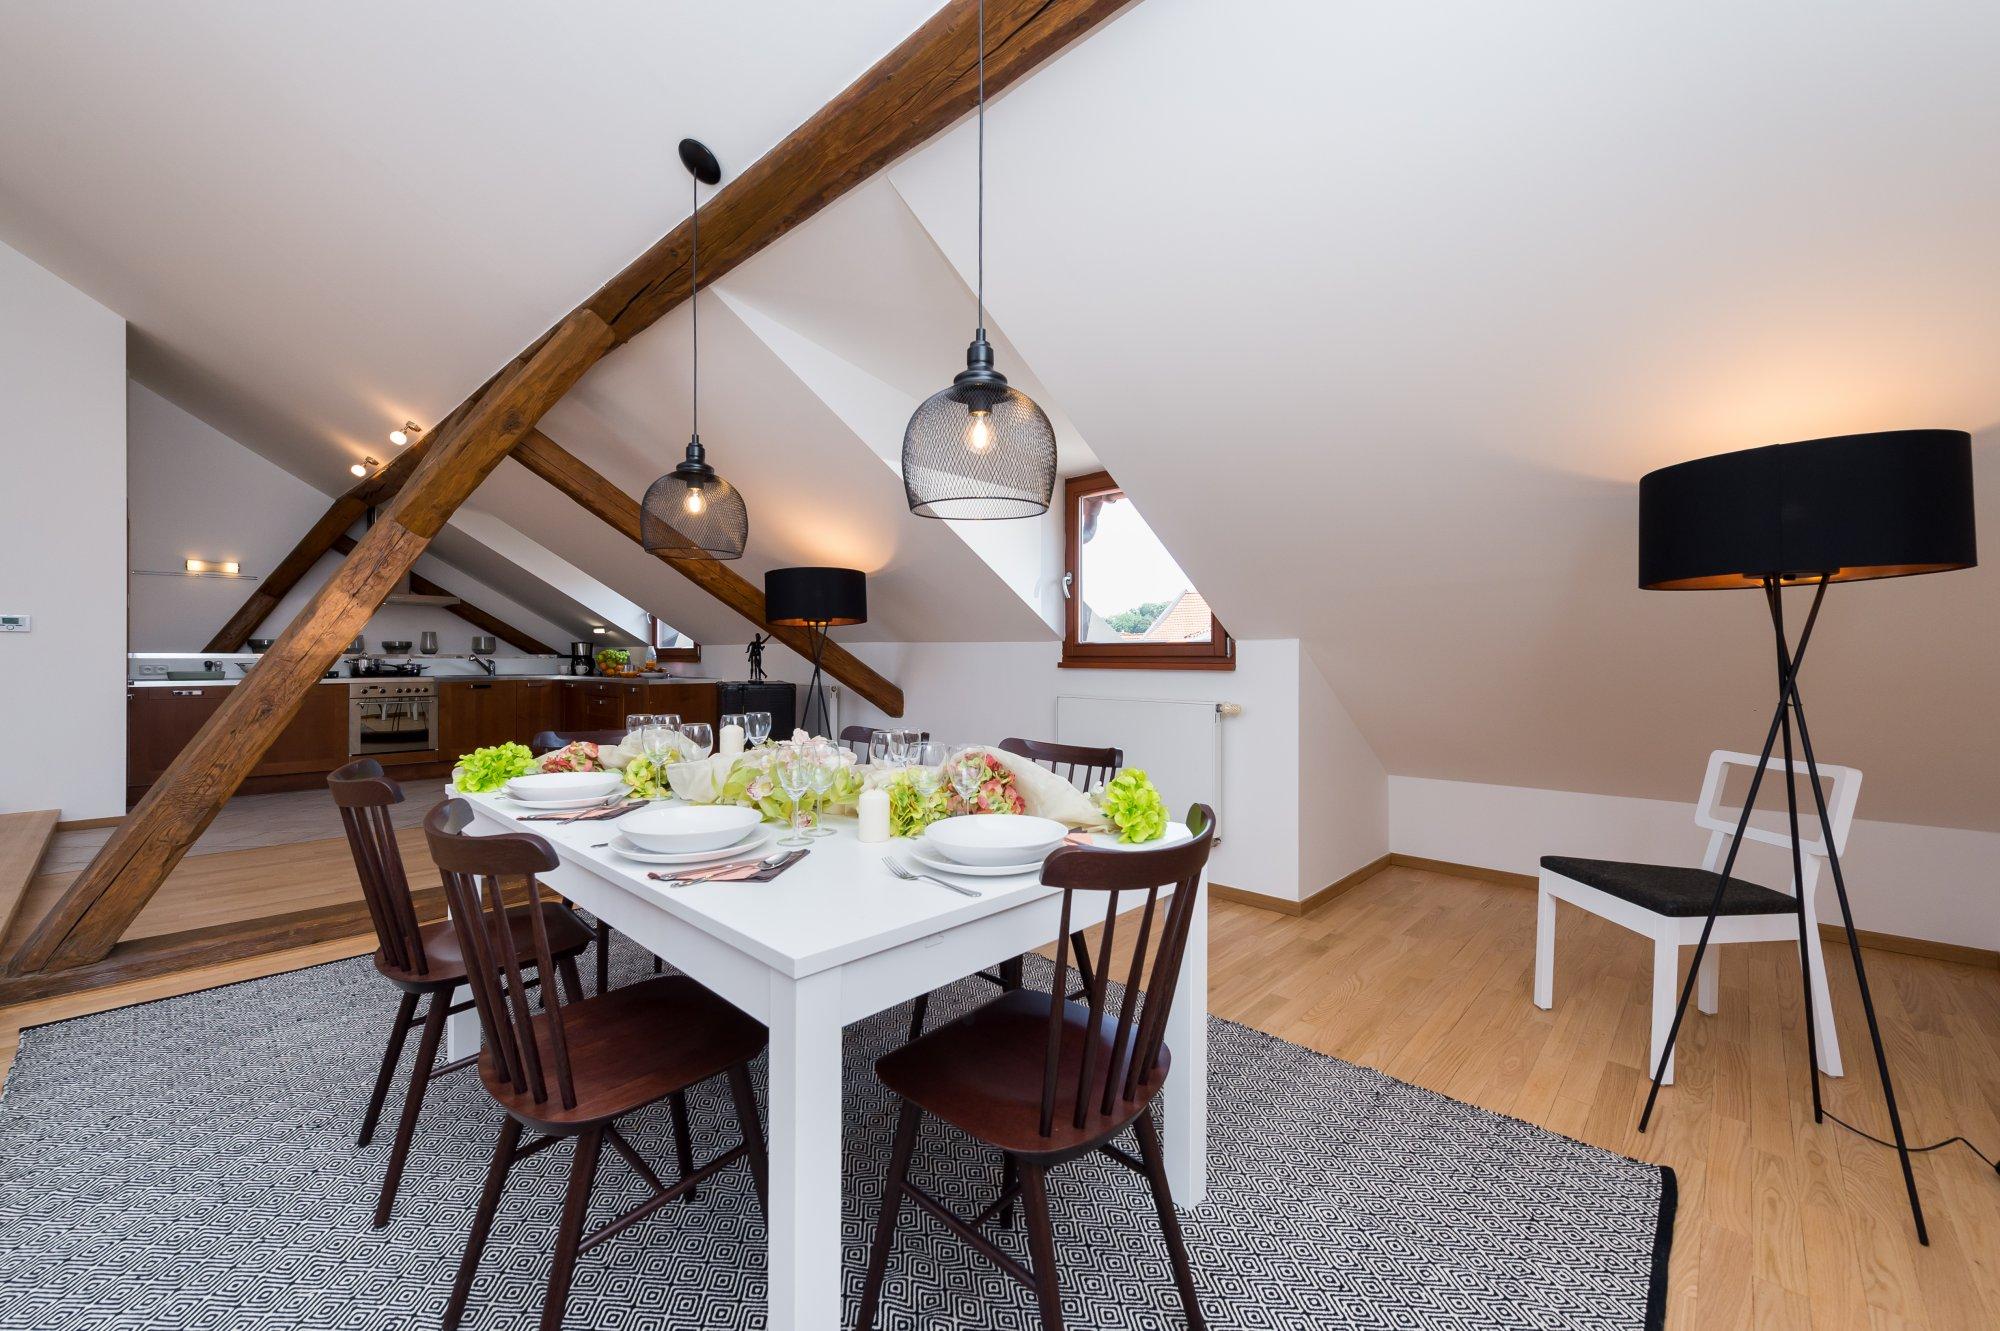 Půdní byt 4+kk, plocha 196 m², ulice Pohořelec, Praha 1 - Hradčany | 3